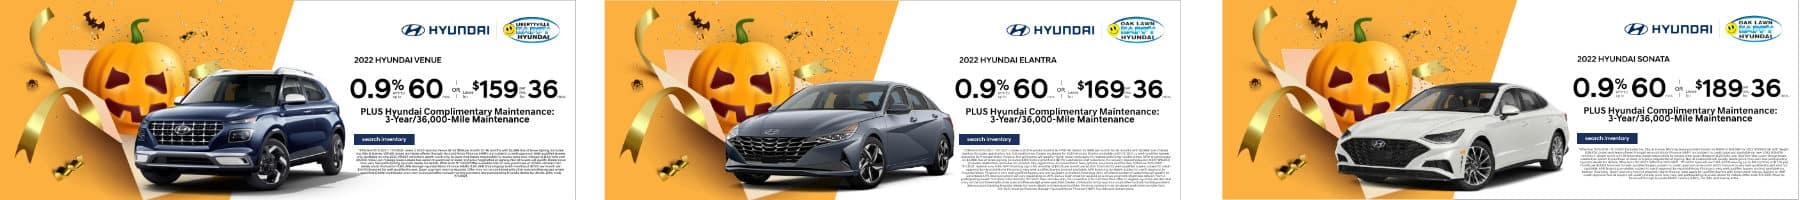 Happy Hyundai_VRP_1800x200_October_2021_V_4